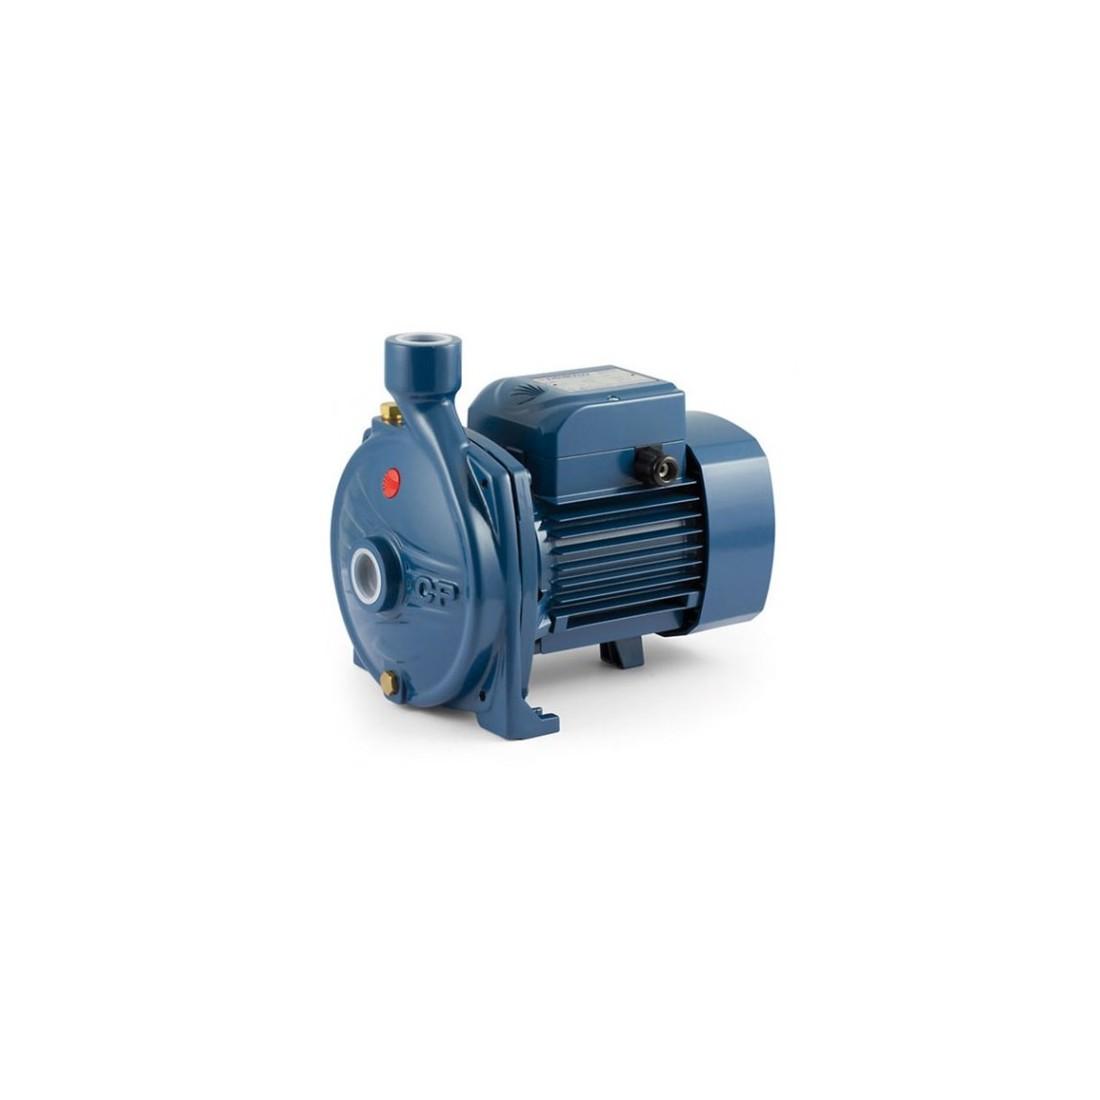 Pompa de suprafata centrifugala Pedrollo CPm 170 monofazata